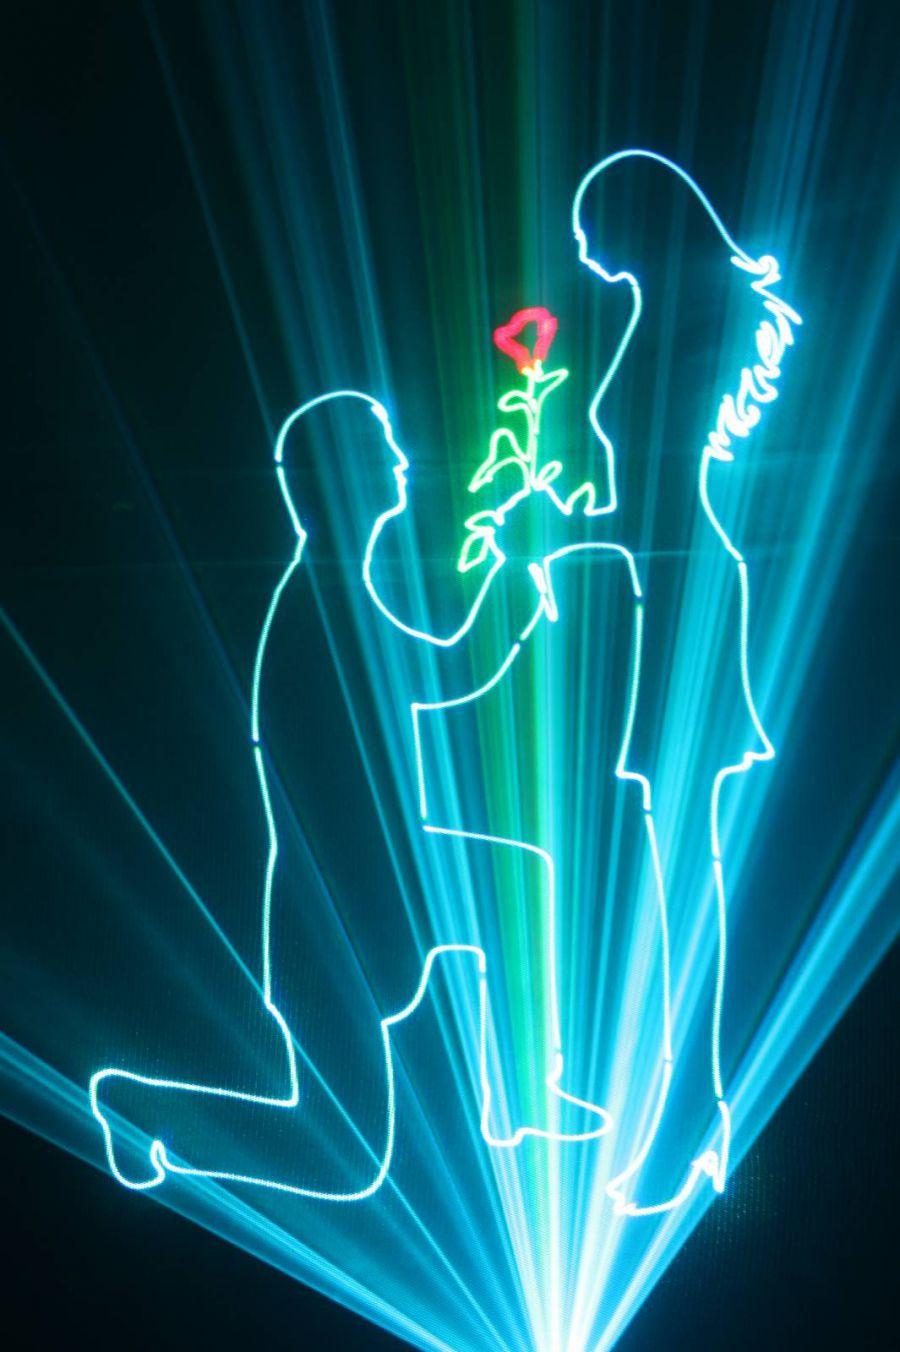 лазерное шоу в саранске